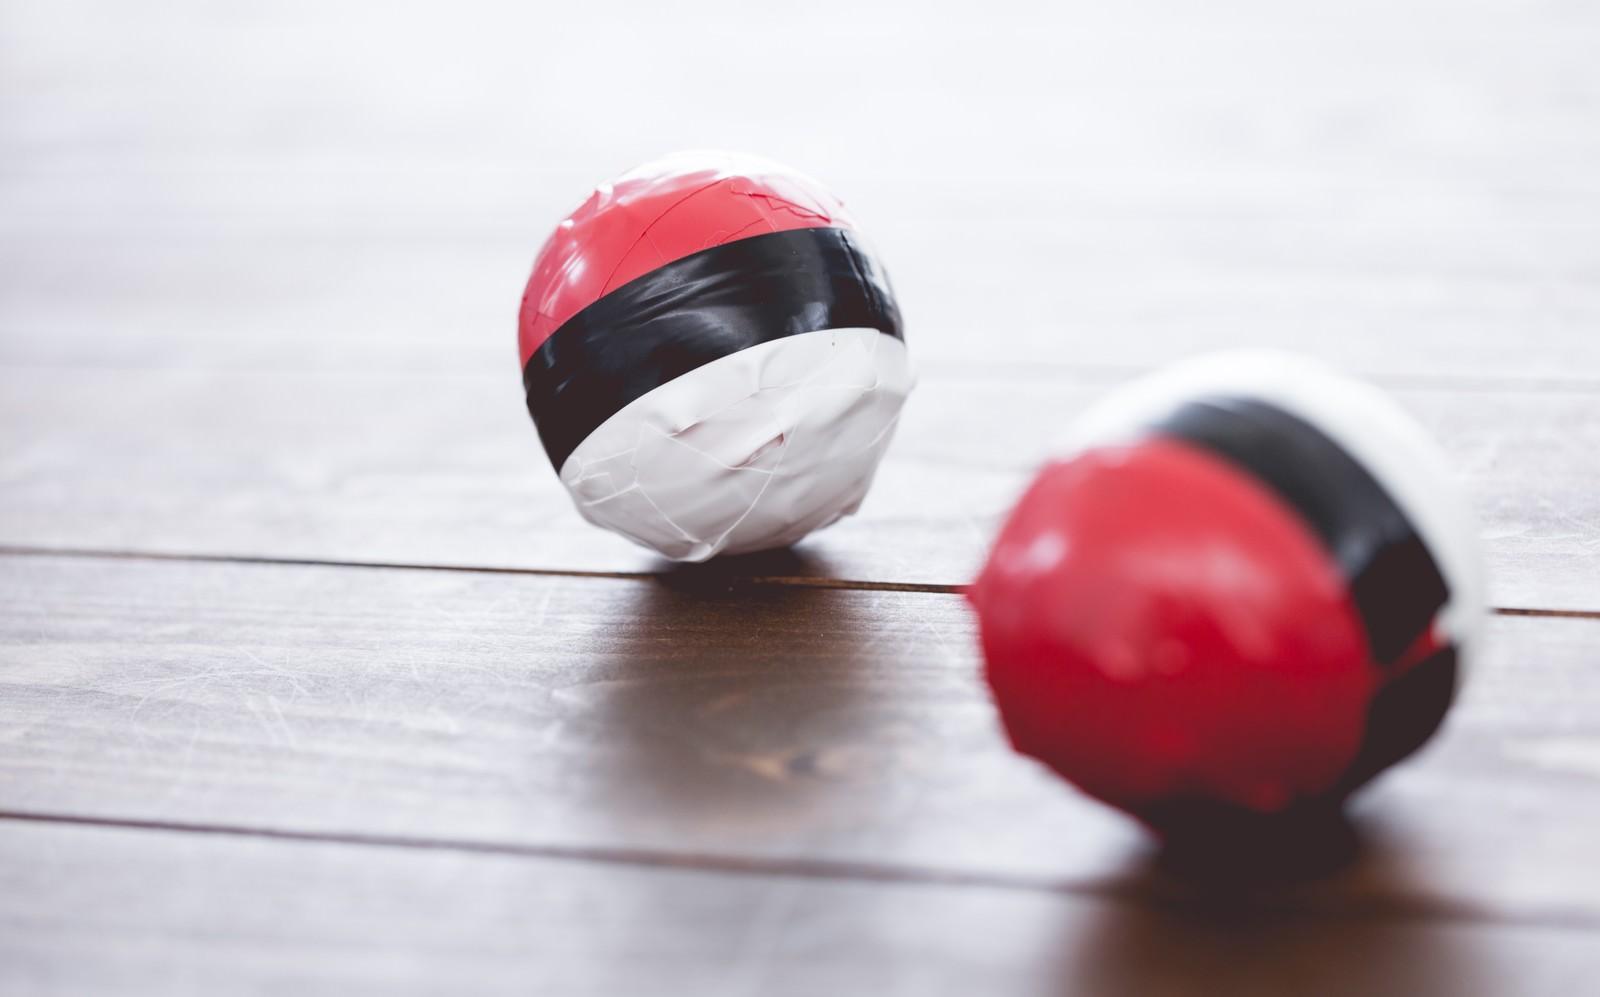 「あまり使われなくなった紅白ボール」の写真